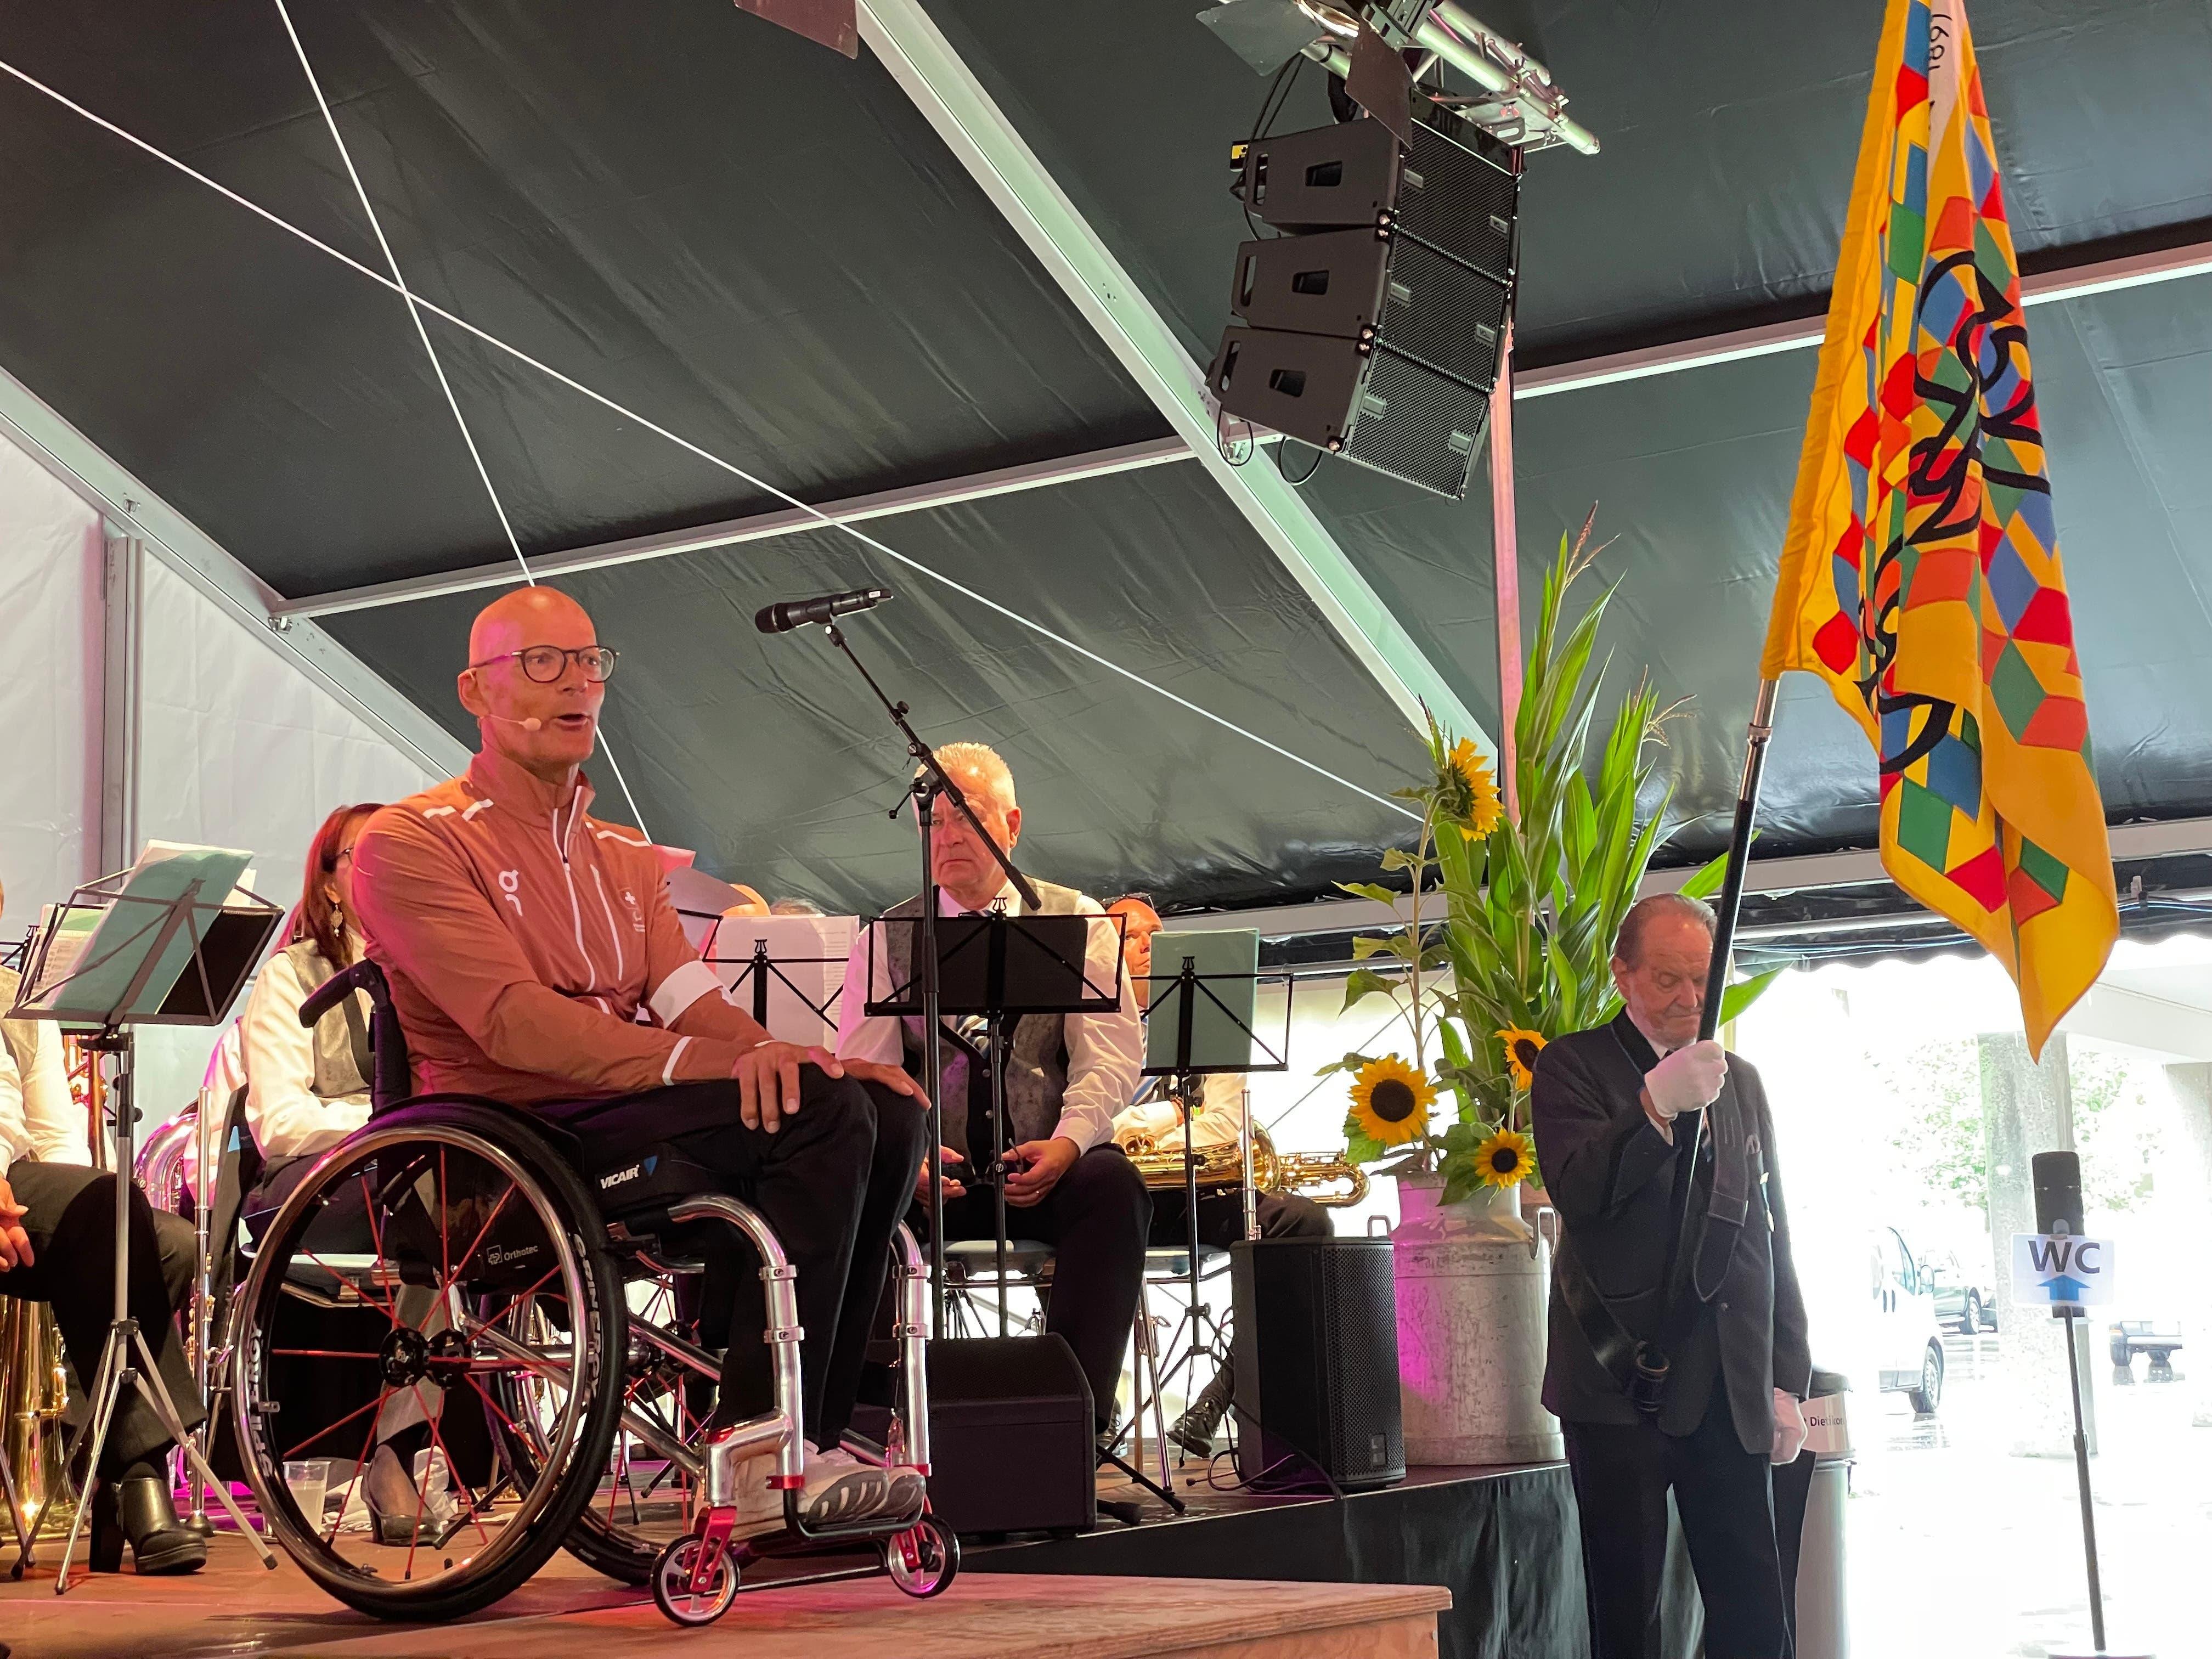 Rennrollstuhl-Legende Heinz Frei trat im Festzelt mit seinem offiziellen Tenue für die bald startenden Paralympics auf, an denen er mit 63 Jahren nochmals teilnehmen wird.